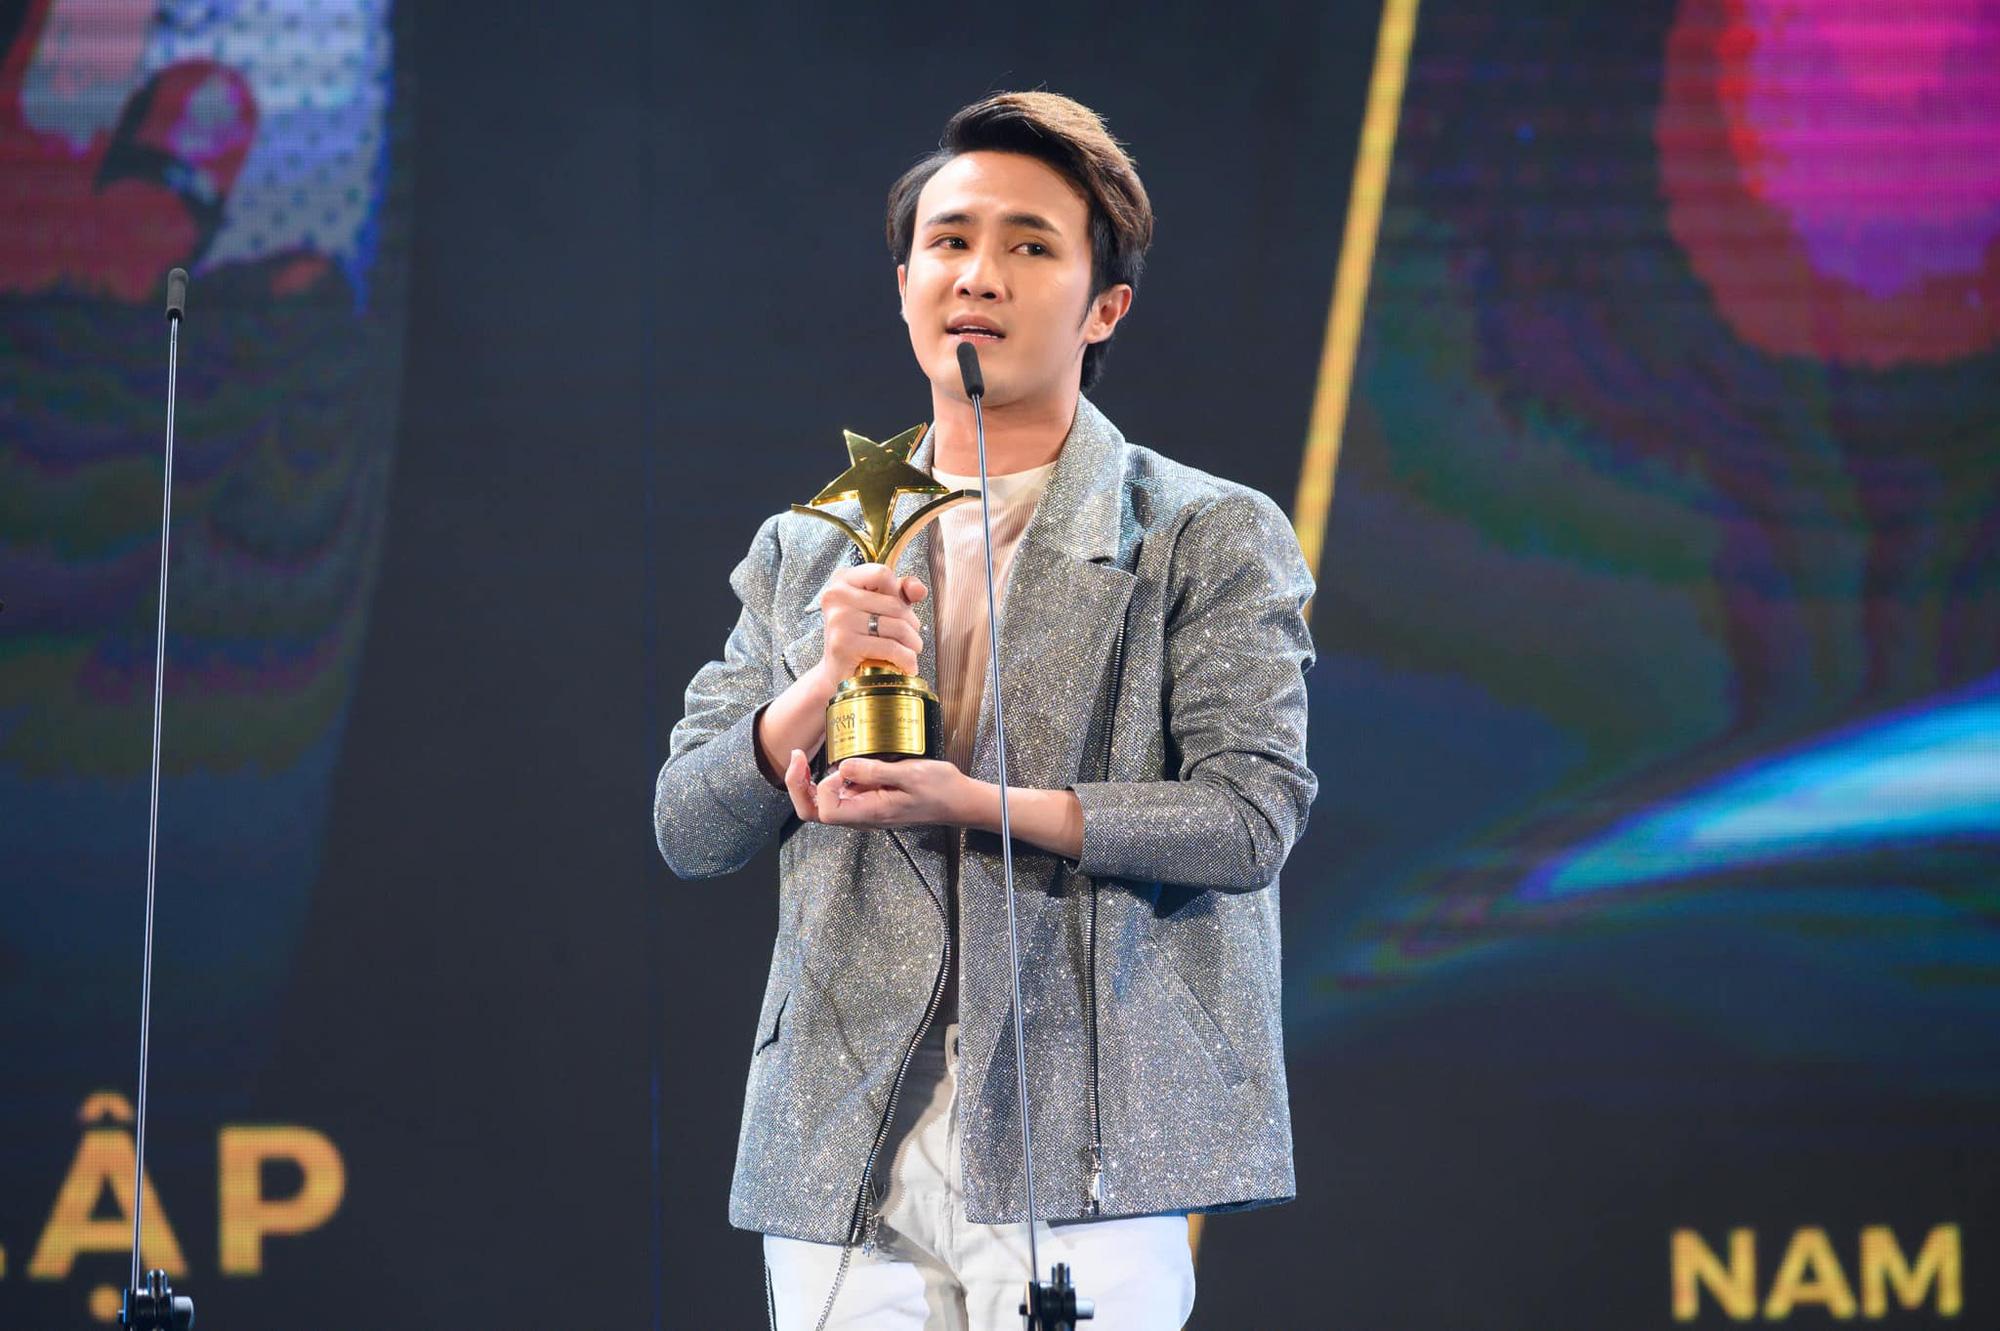 Huỳnh Lập đón nhận thách thức, thử sức với hài độc thoại - Ảnh 2.